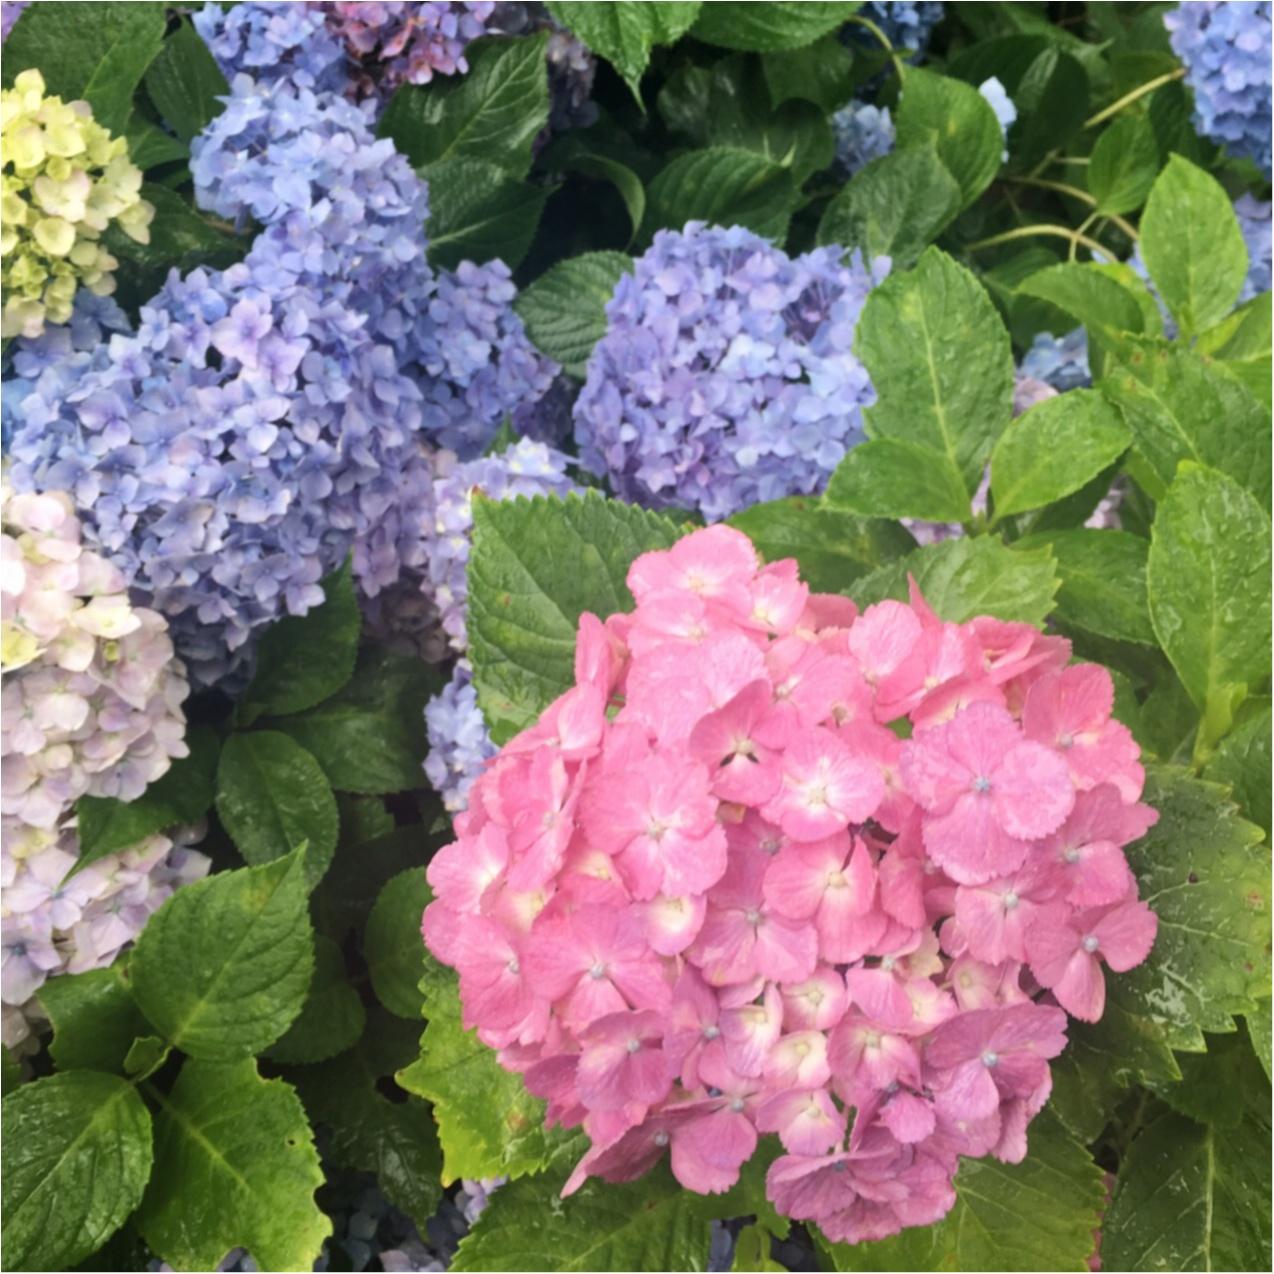 梅雨の時期に見たい♪紫陽花の名所へおでかけ…*見つけたハートの紫陽花♡_4